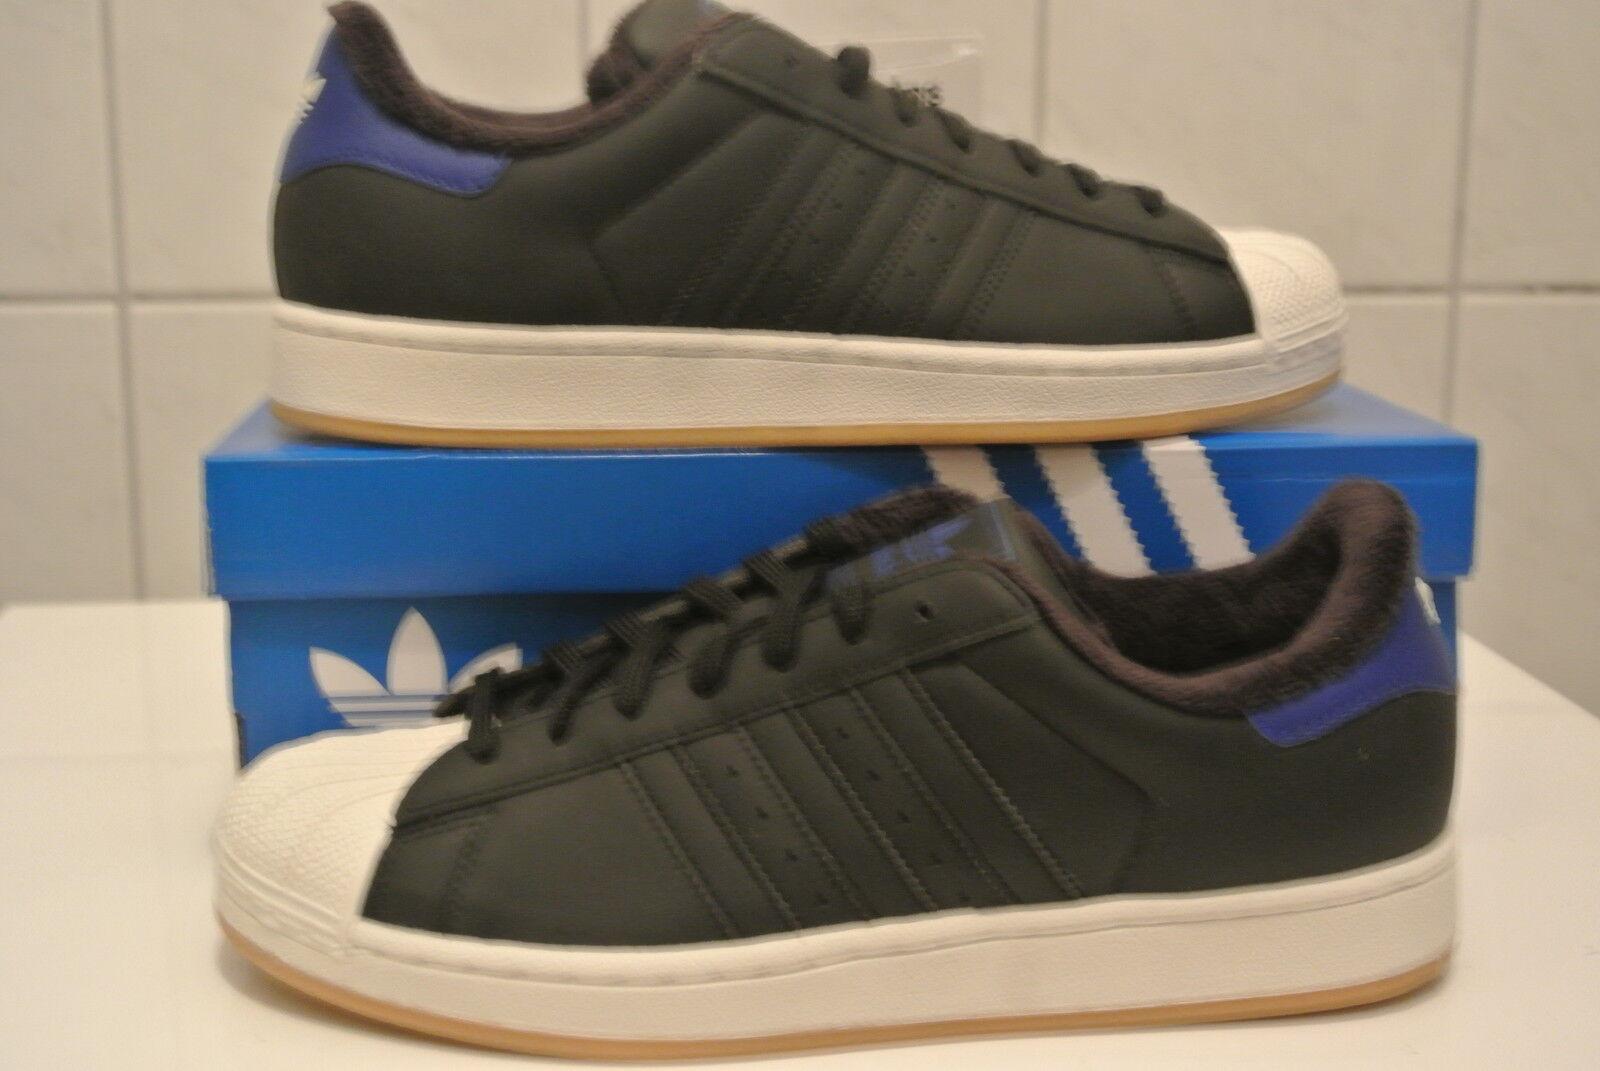 Adidas Superstar II Gr. wählbar B26869  Neu & OVP B26869 wählbar 5e95be